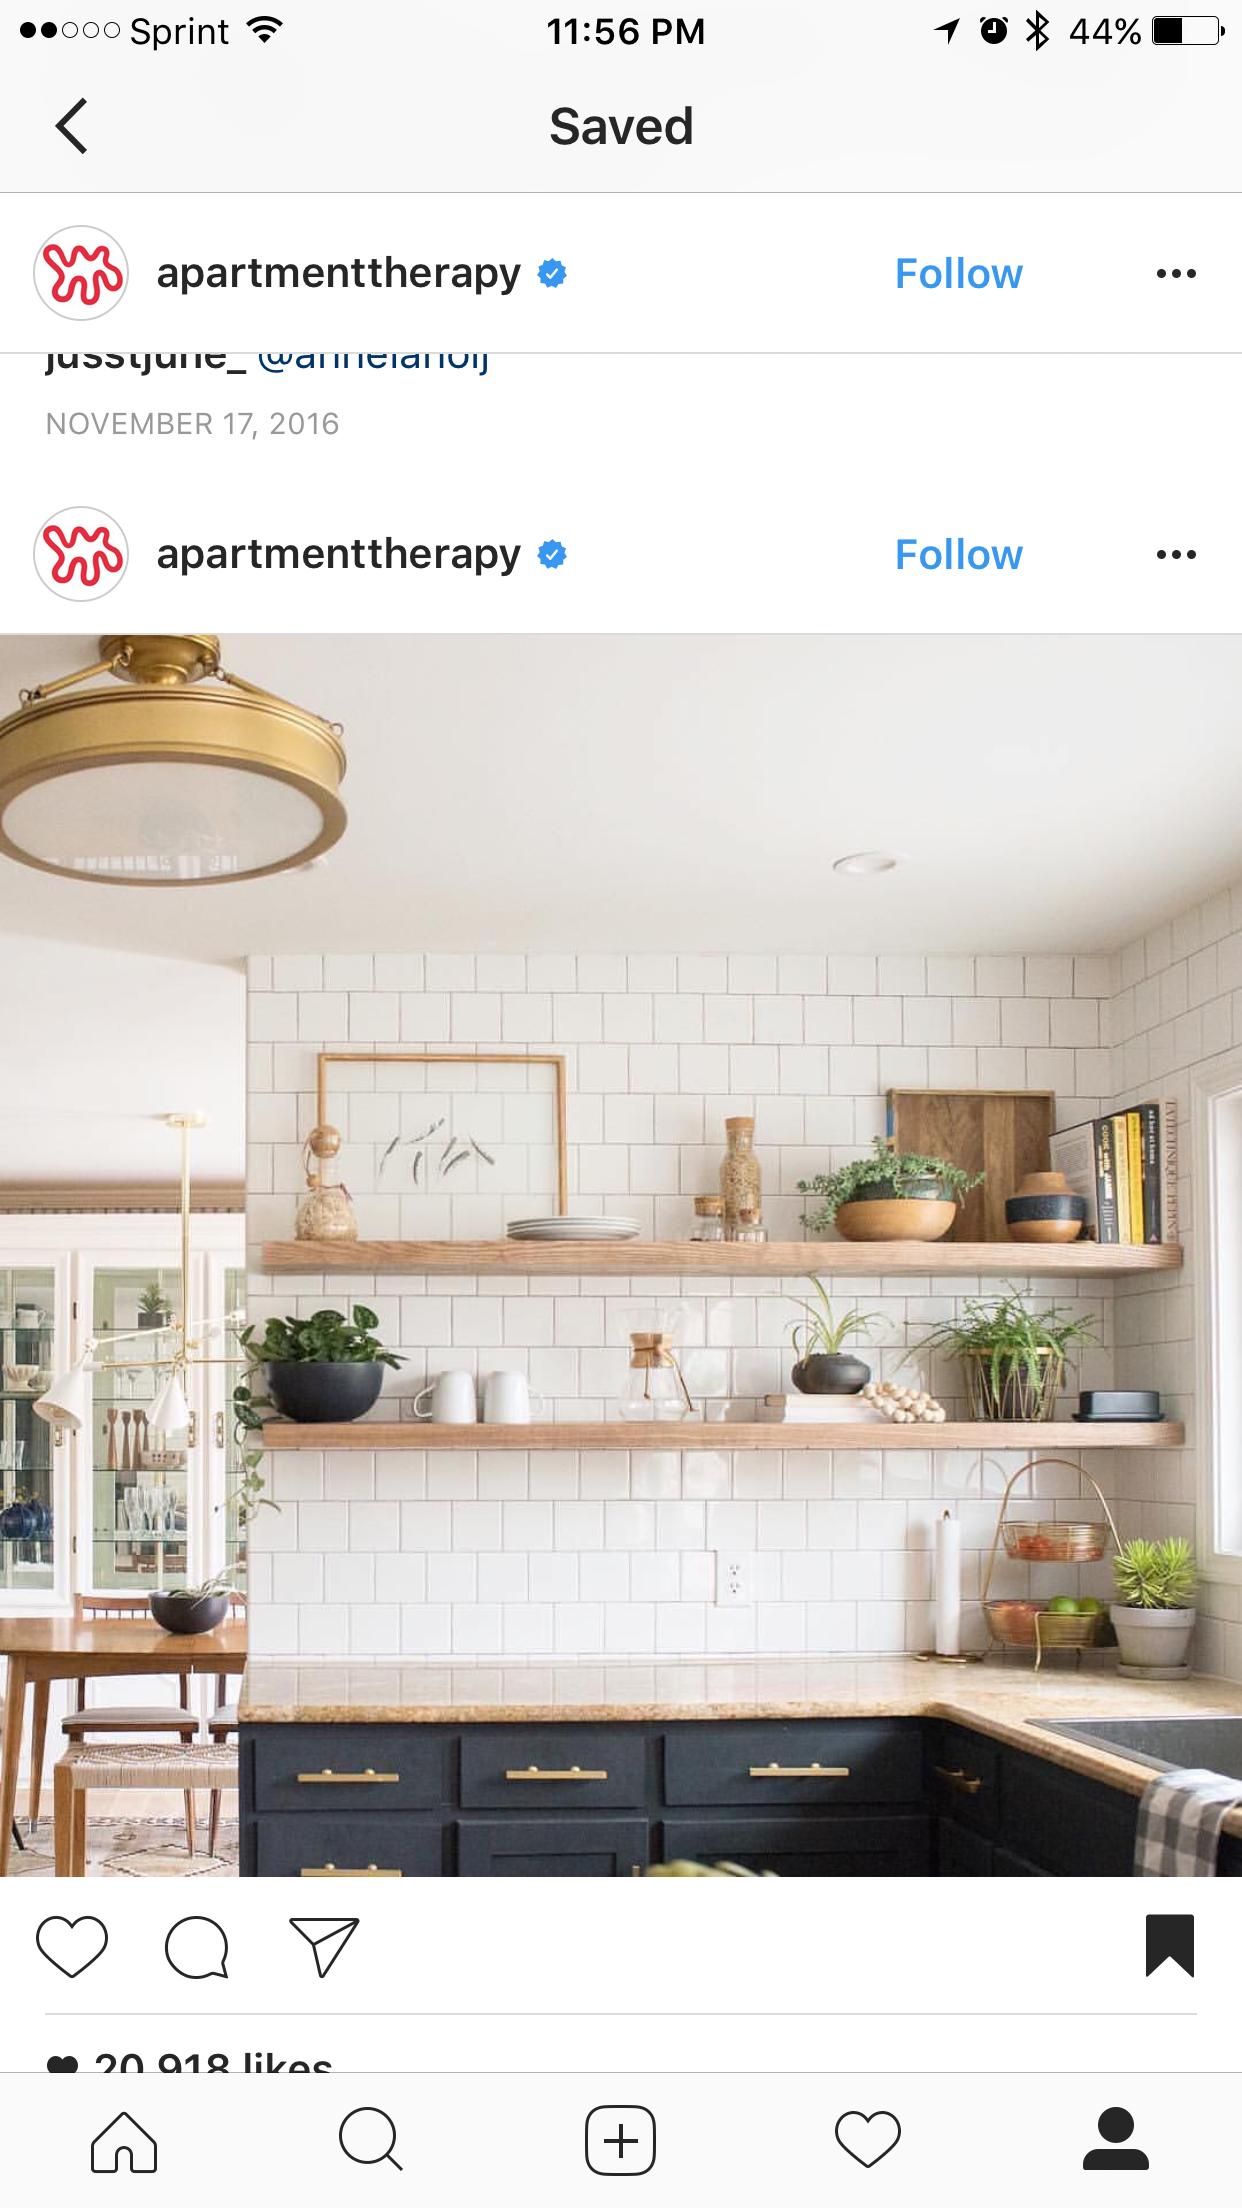 Pin von Alexa Dedlow auf Cherrywood Home Interior Inspo | Pinterest